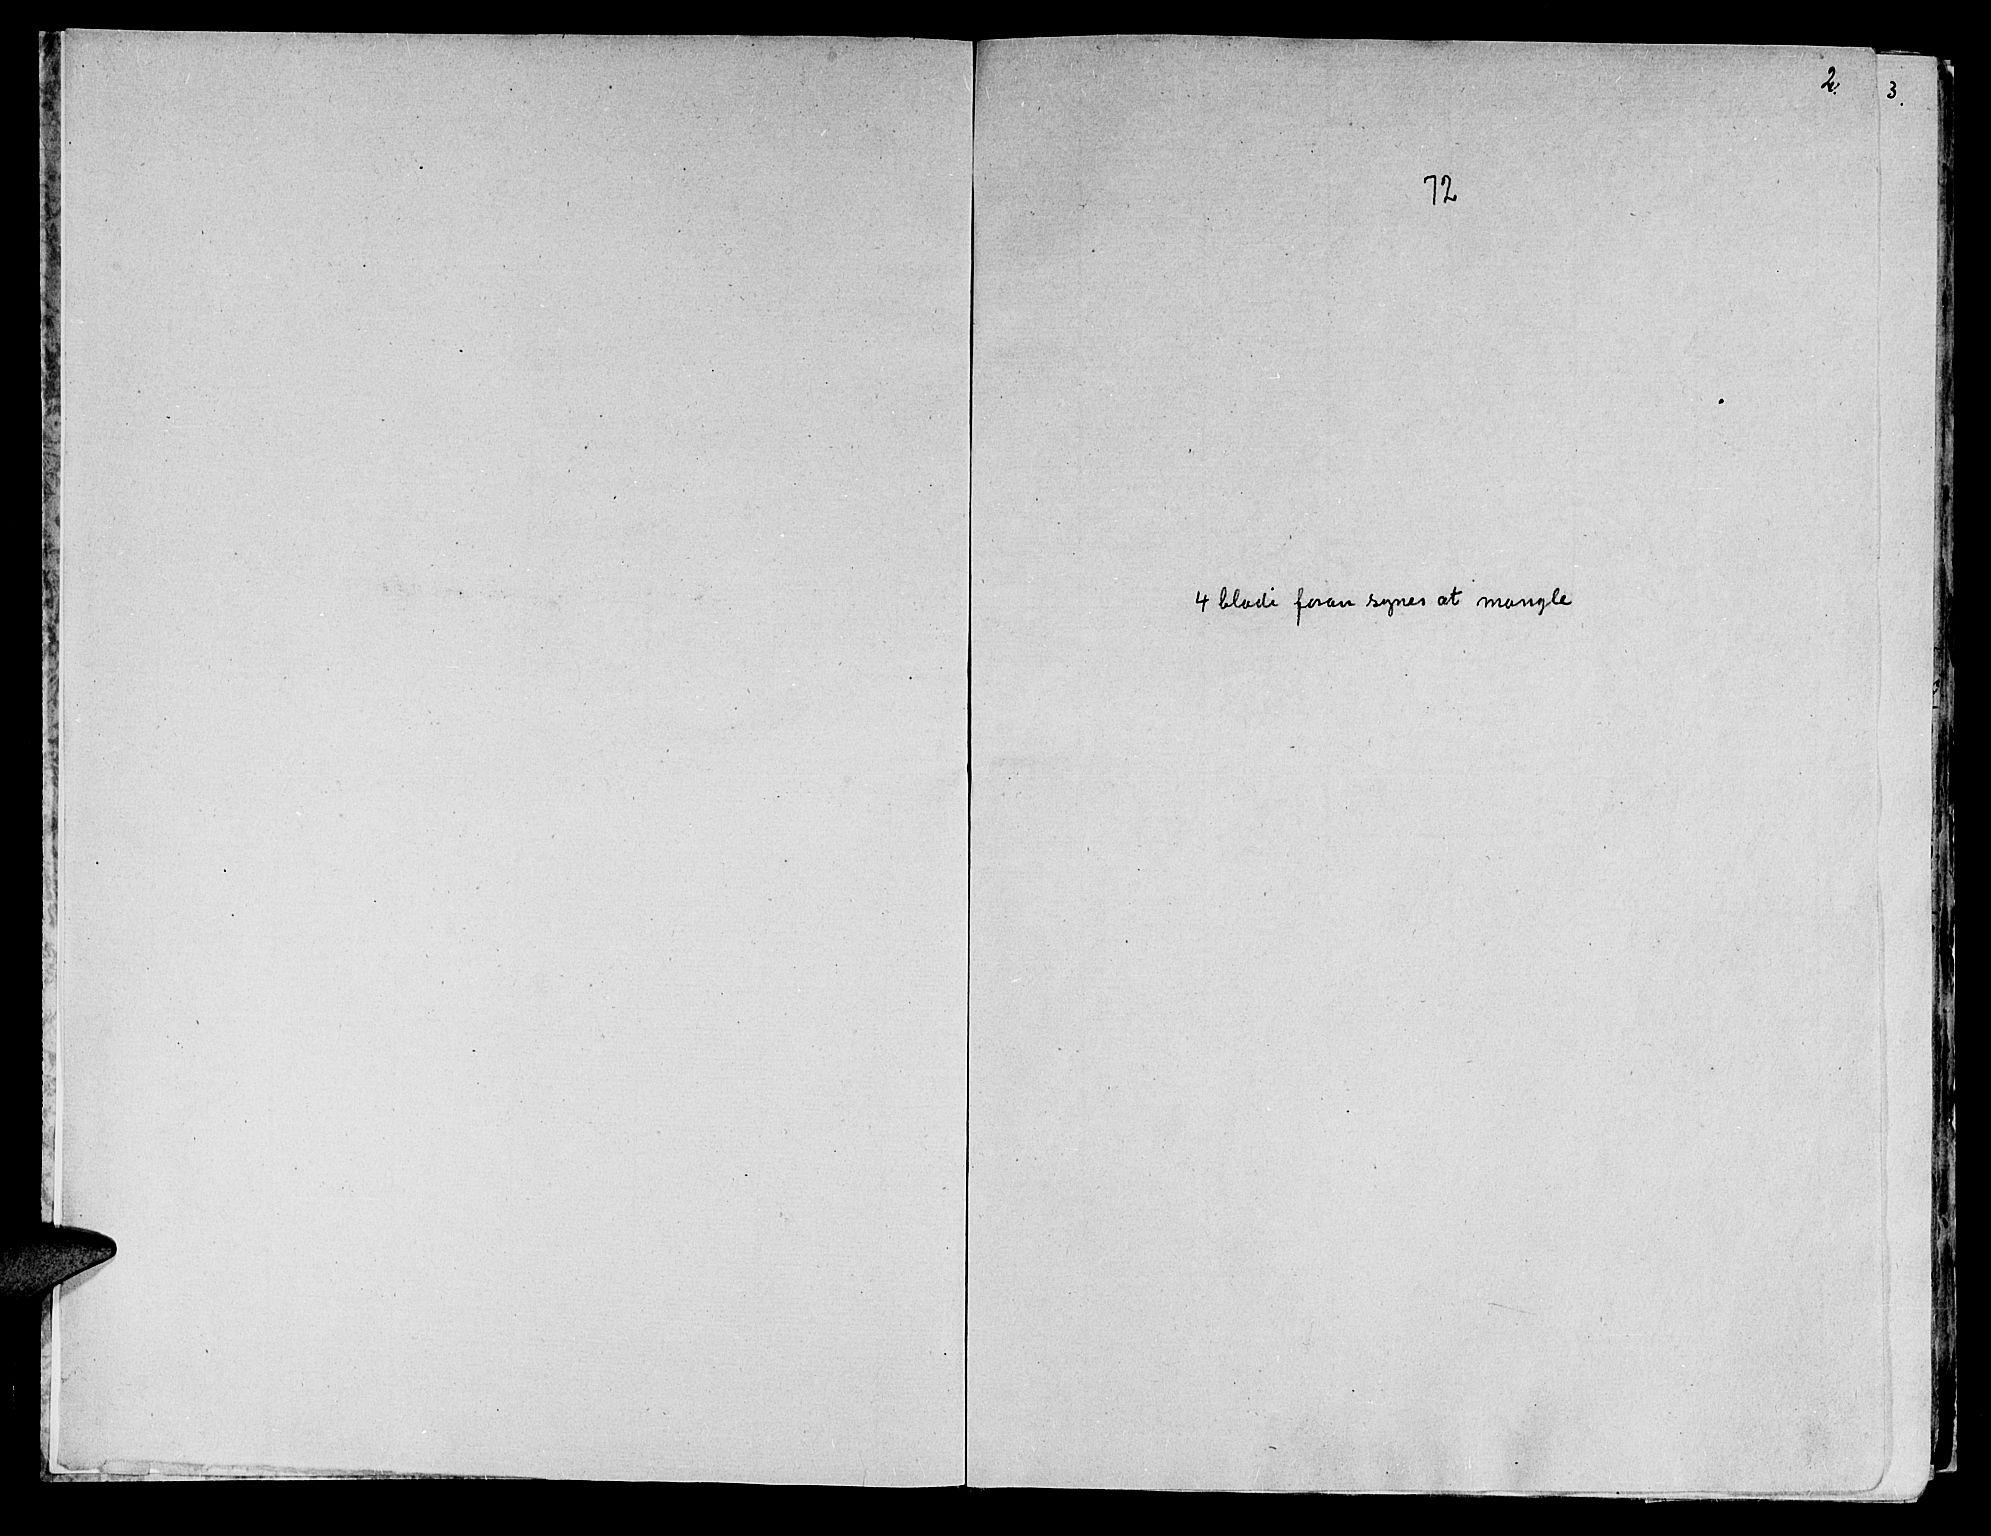 SAT, Ministerialprotokoller, klokkerbøker og fødselsregistre - Nord-Trøndelag, 701/L0003: Ministerialbok nr. 701A03, 1751-1783, s. 2